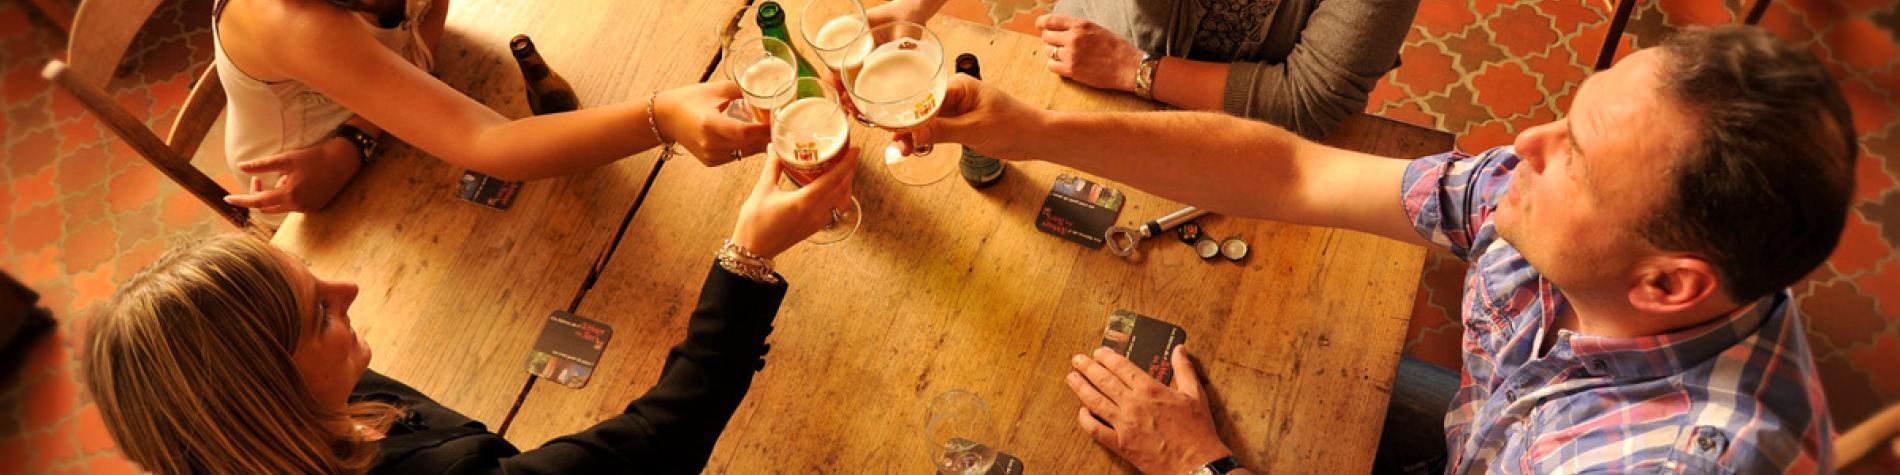 Brasserie de l'Abbaye des Rocs - Circuit de la bière - Discover Belgium